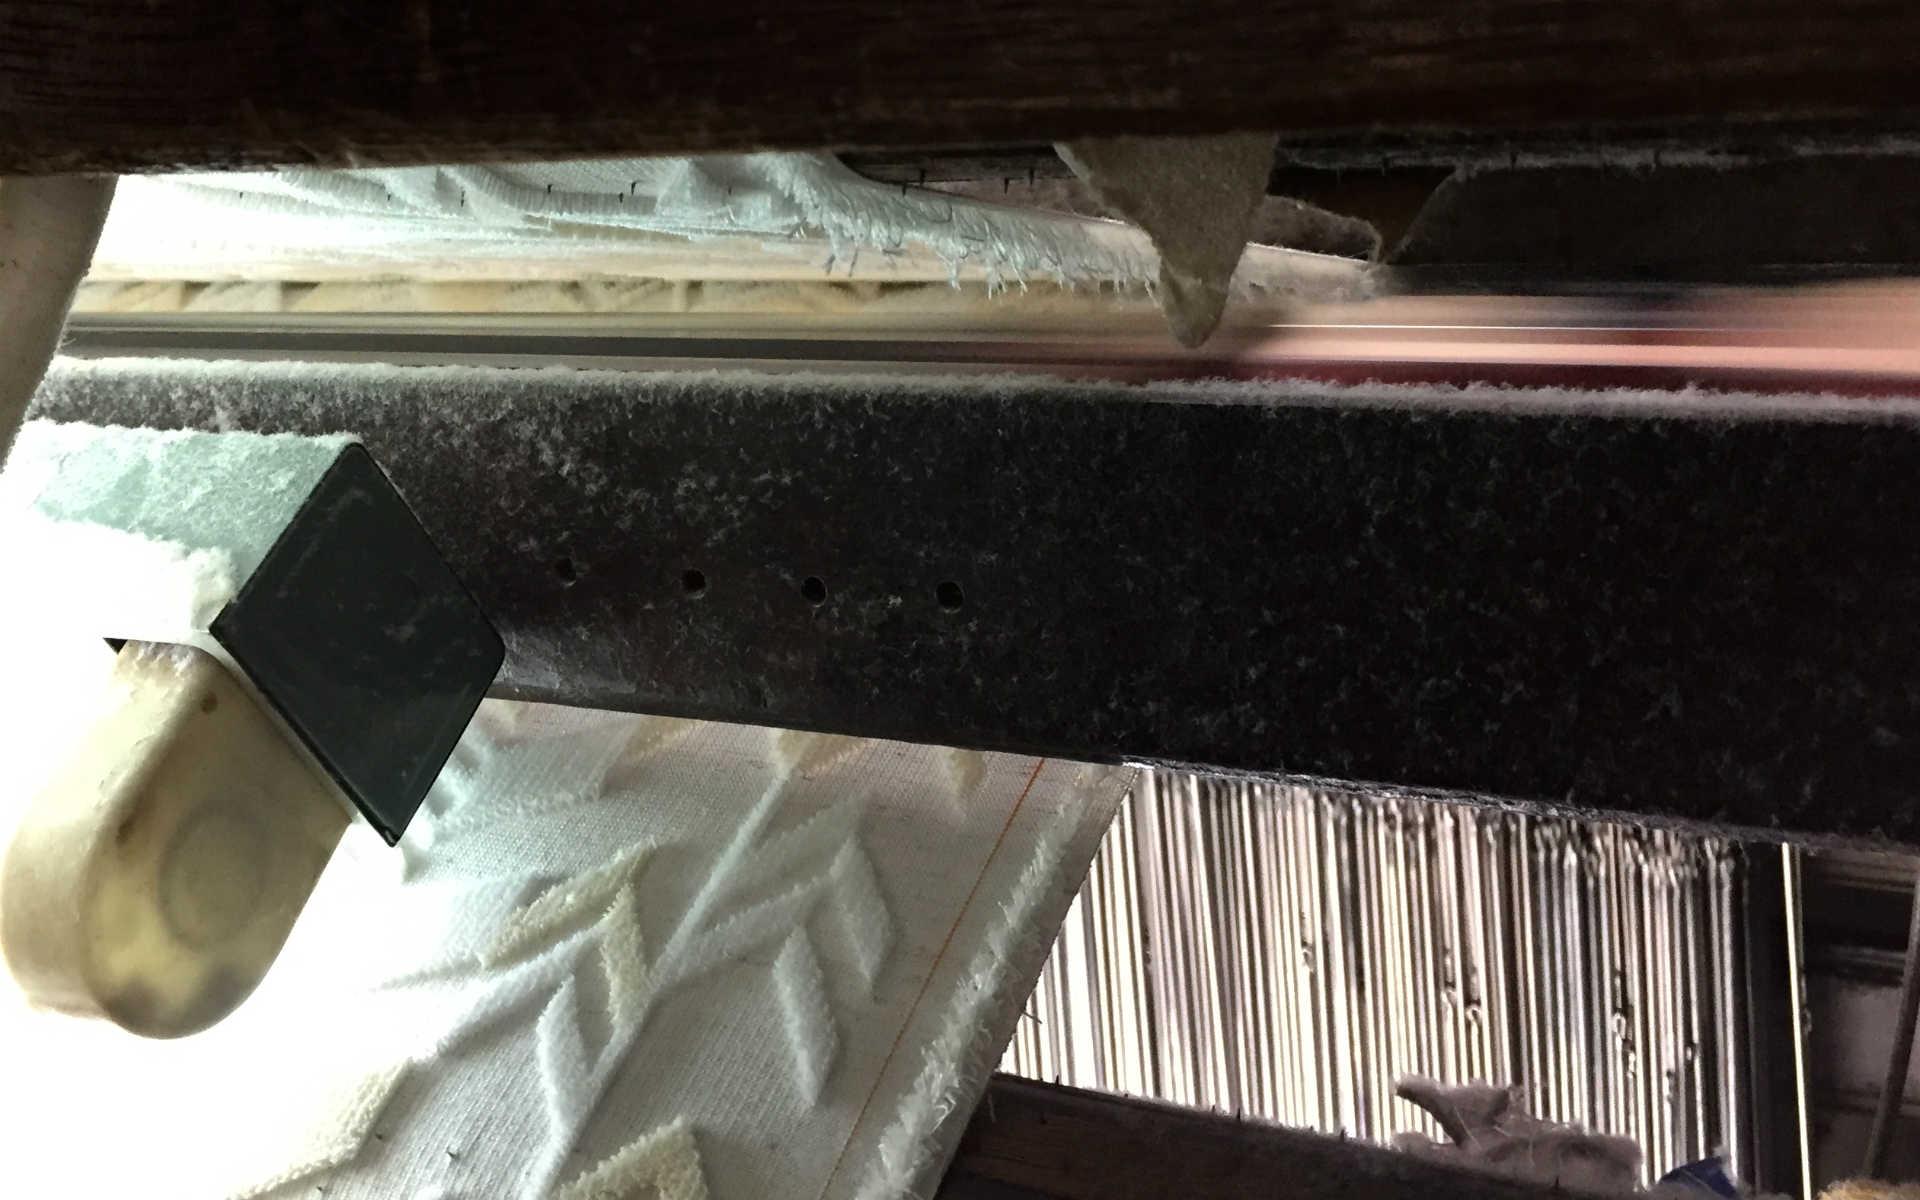 織られた生地は画面上部の刃物で真ん中からカットされていく。すると内側に見事なパイル地が!